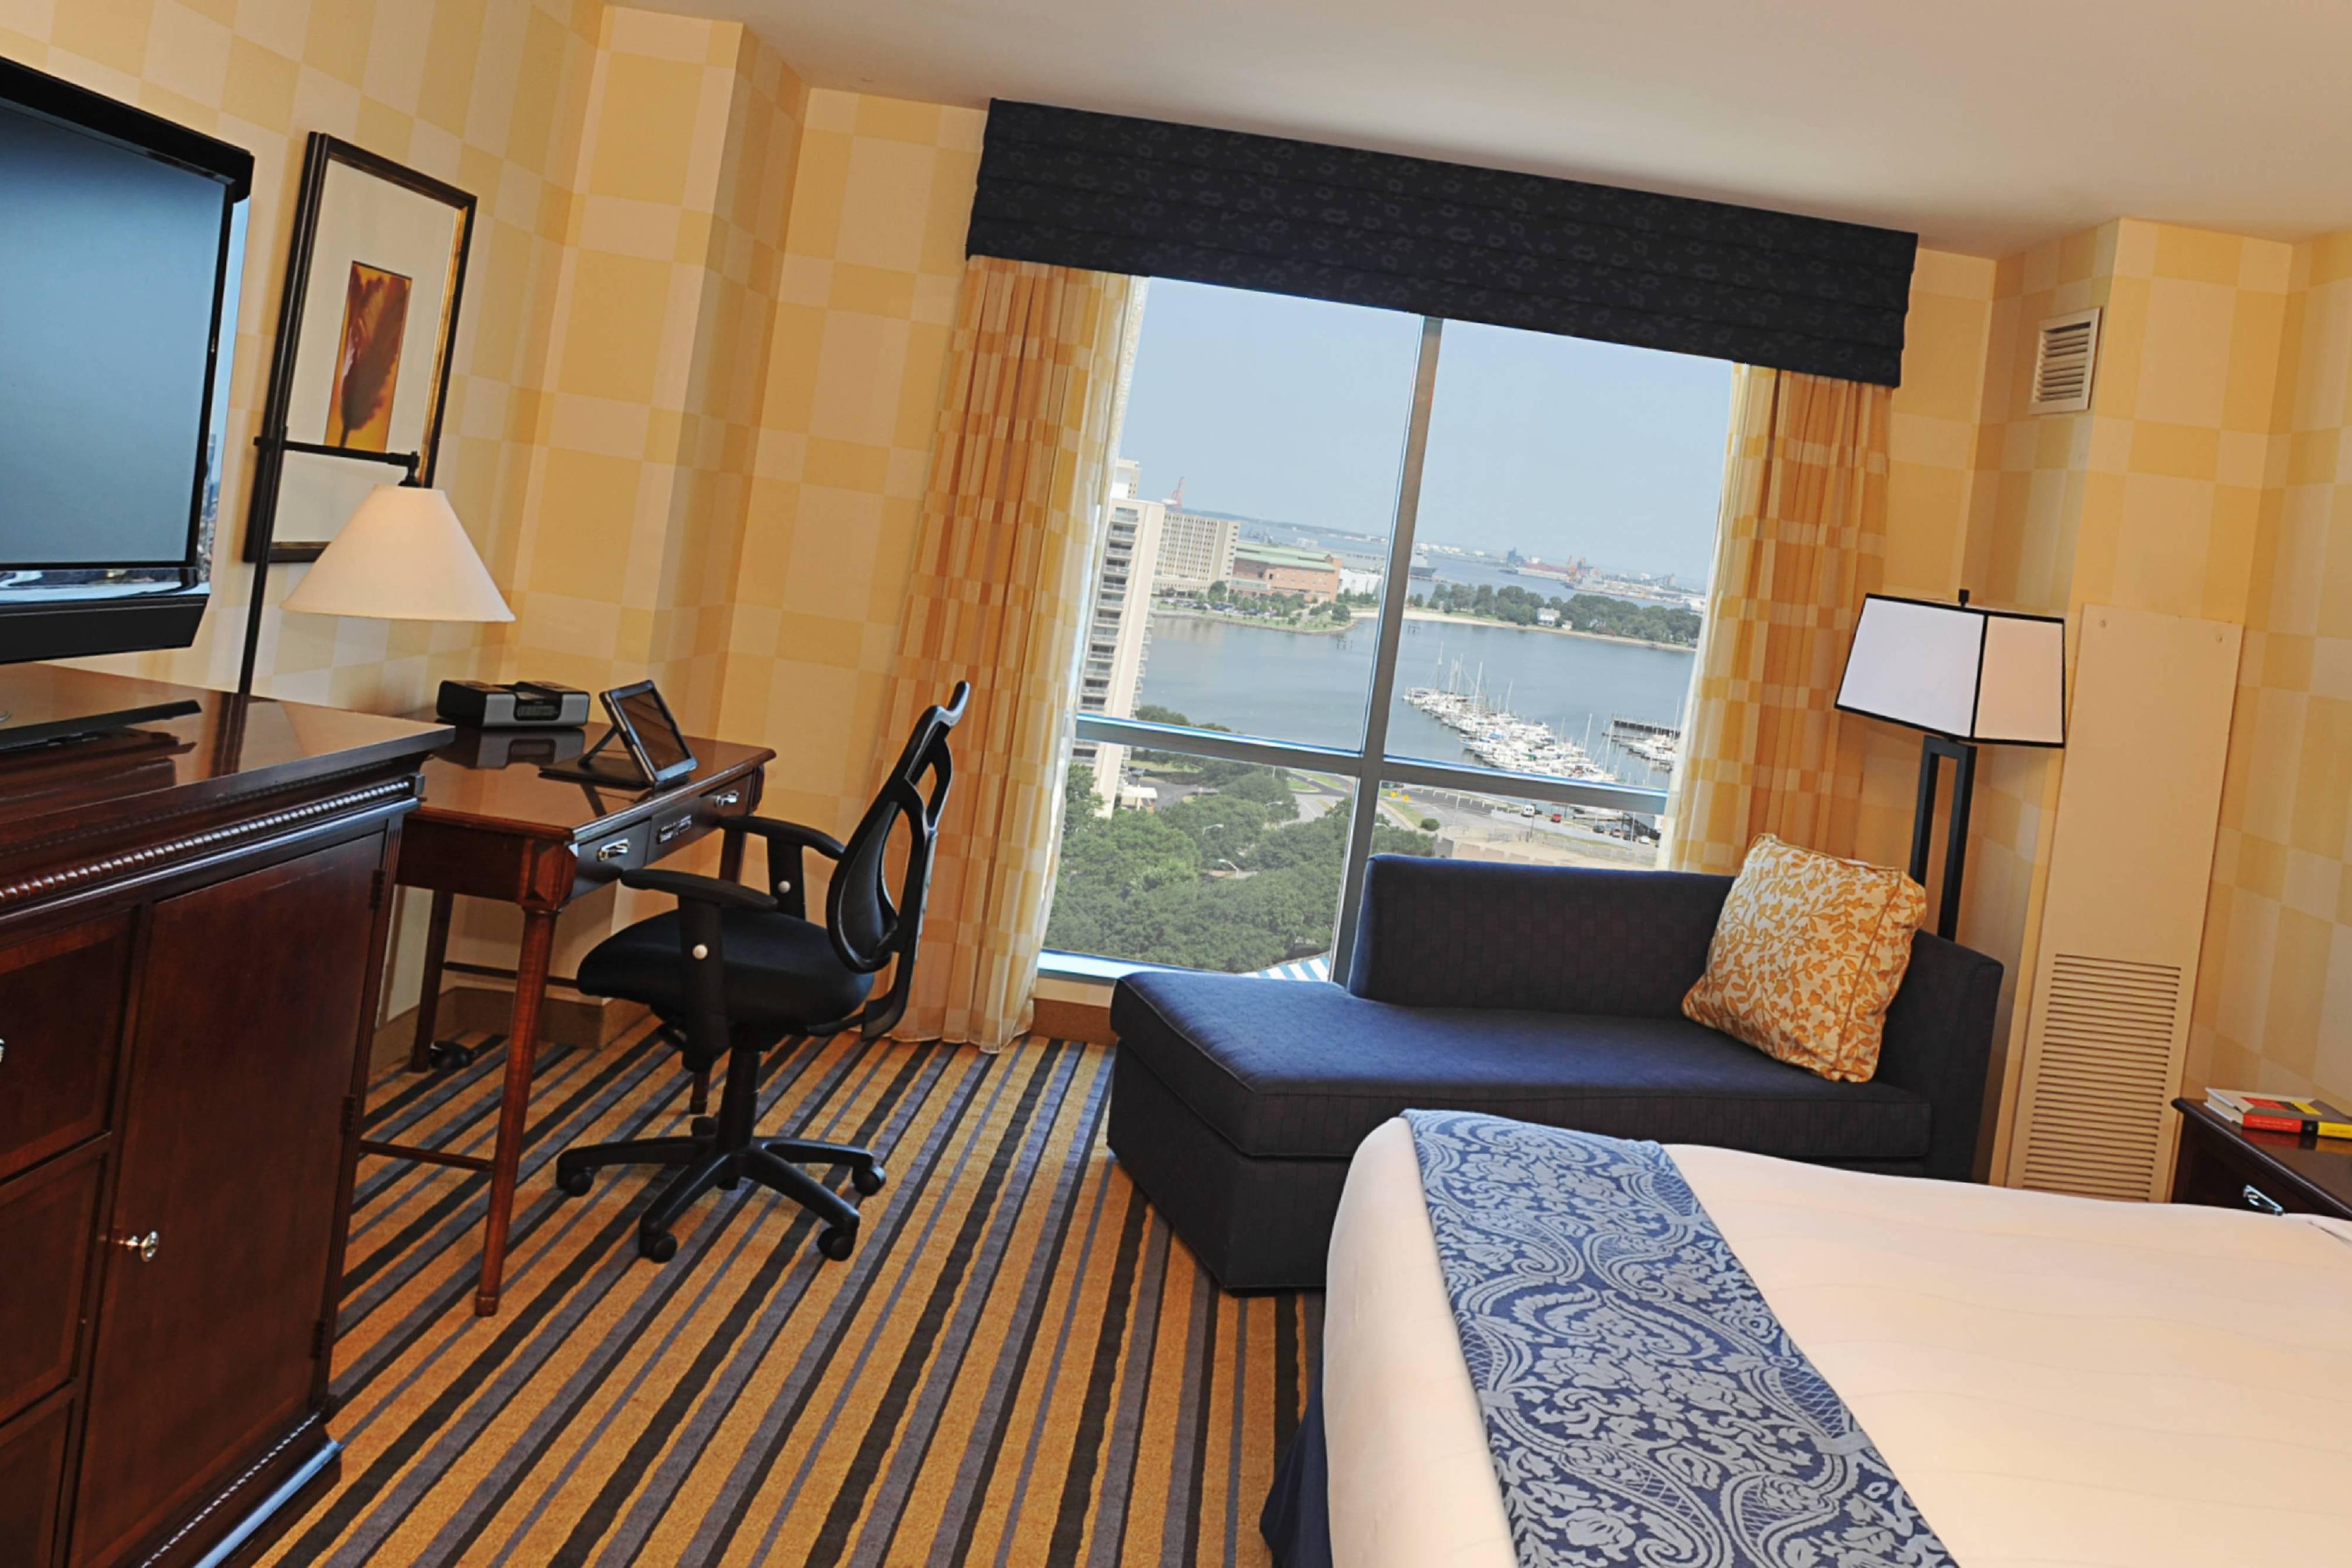 Chambre avec lit king size au bord de l'eau